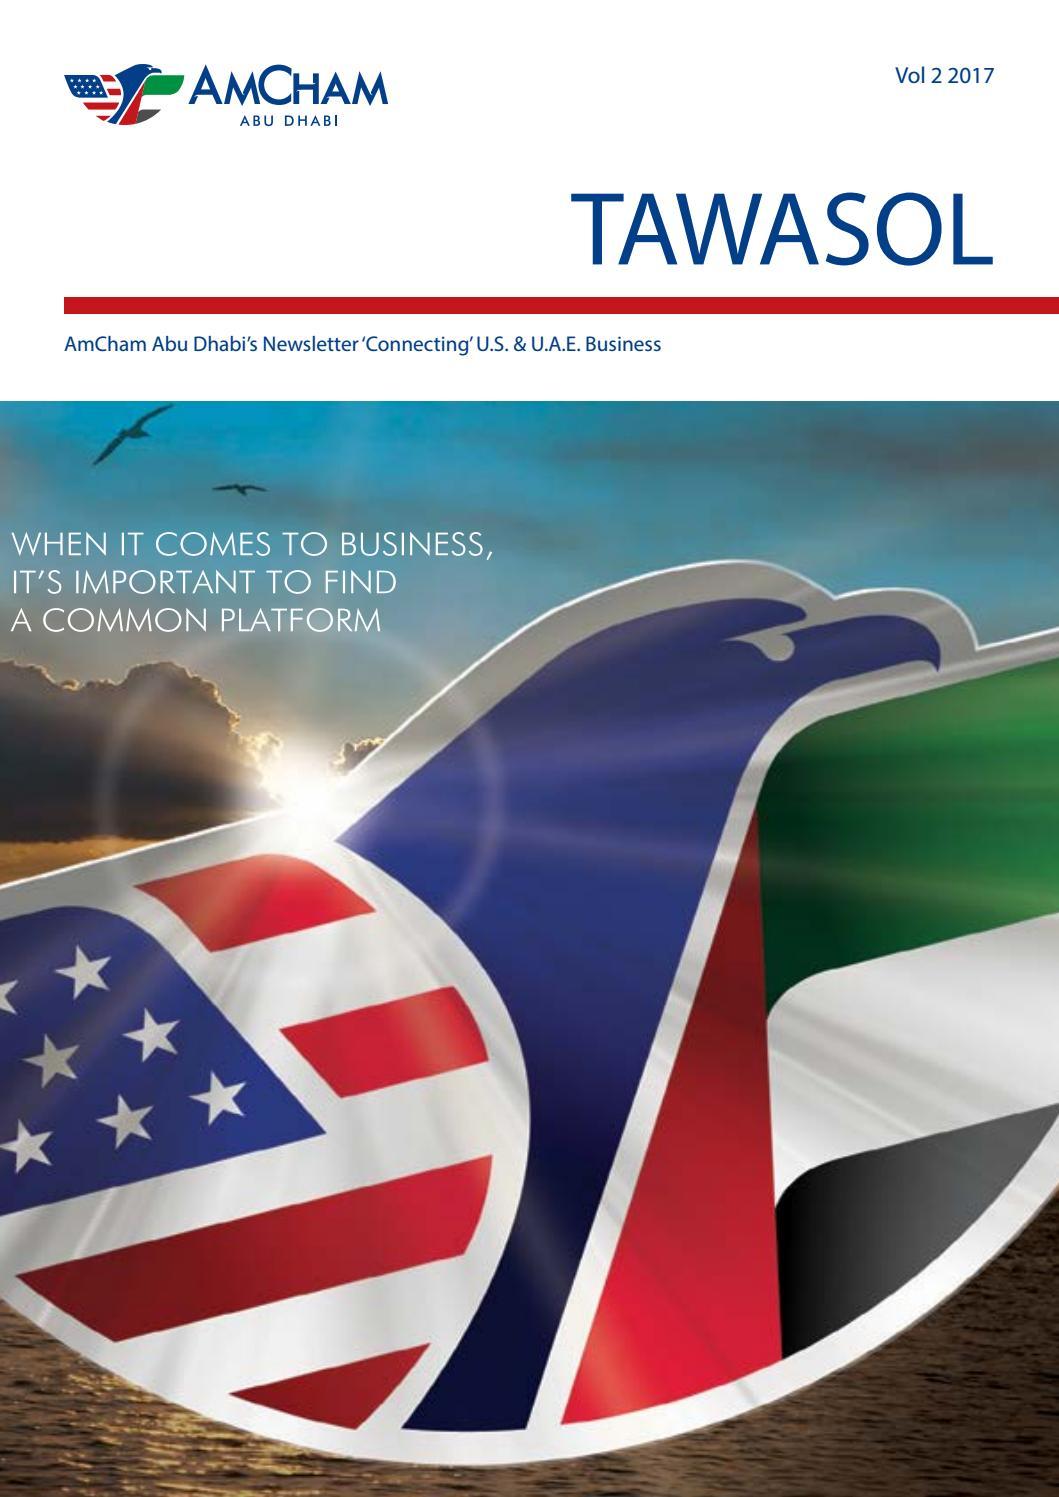 Tawasol Vol 2 2017 by AmCham Abu Dhabi - issuu